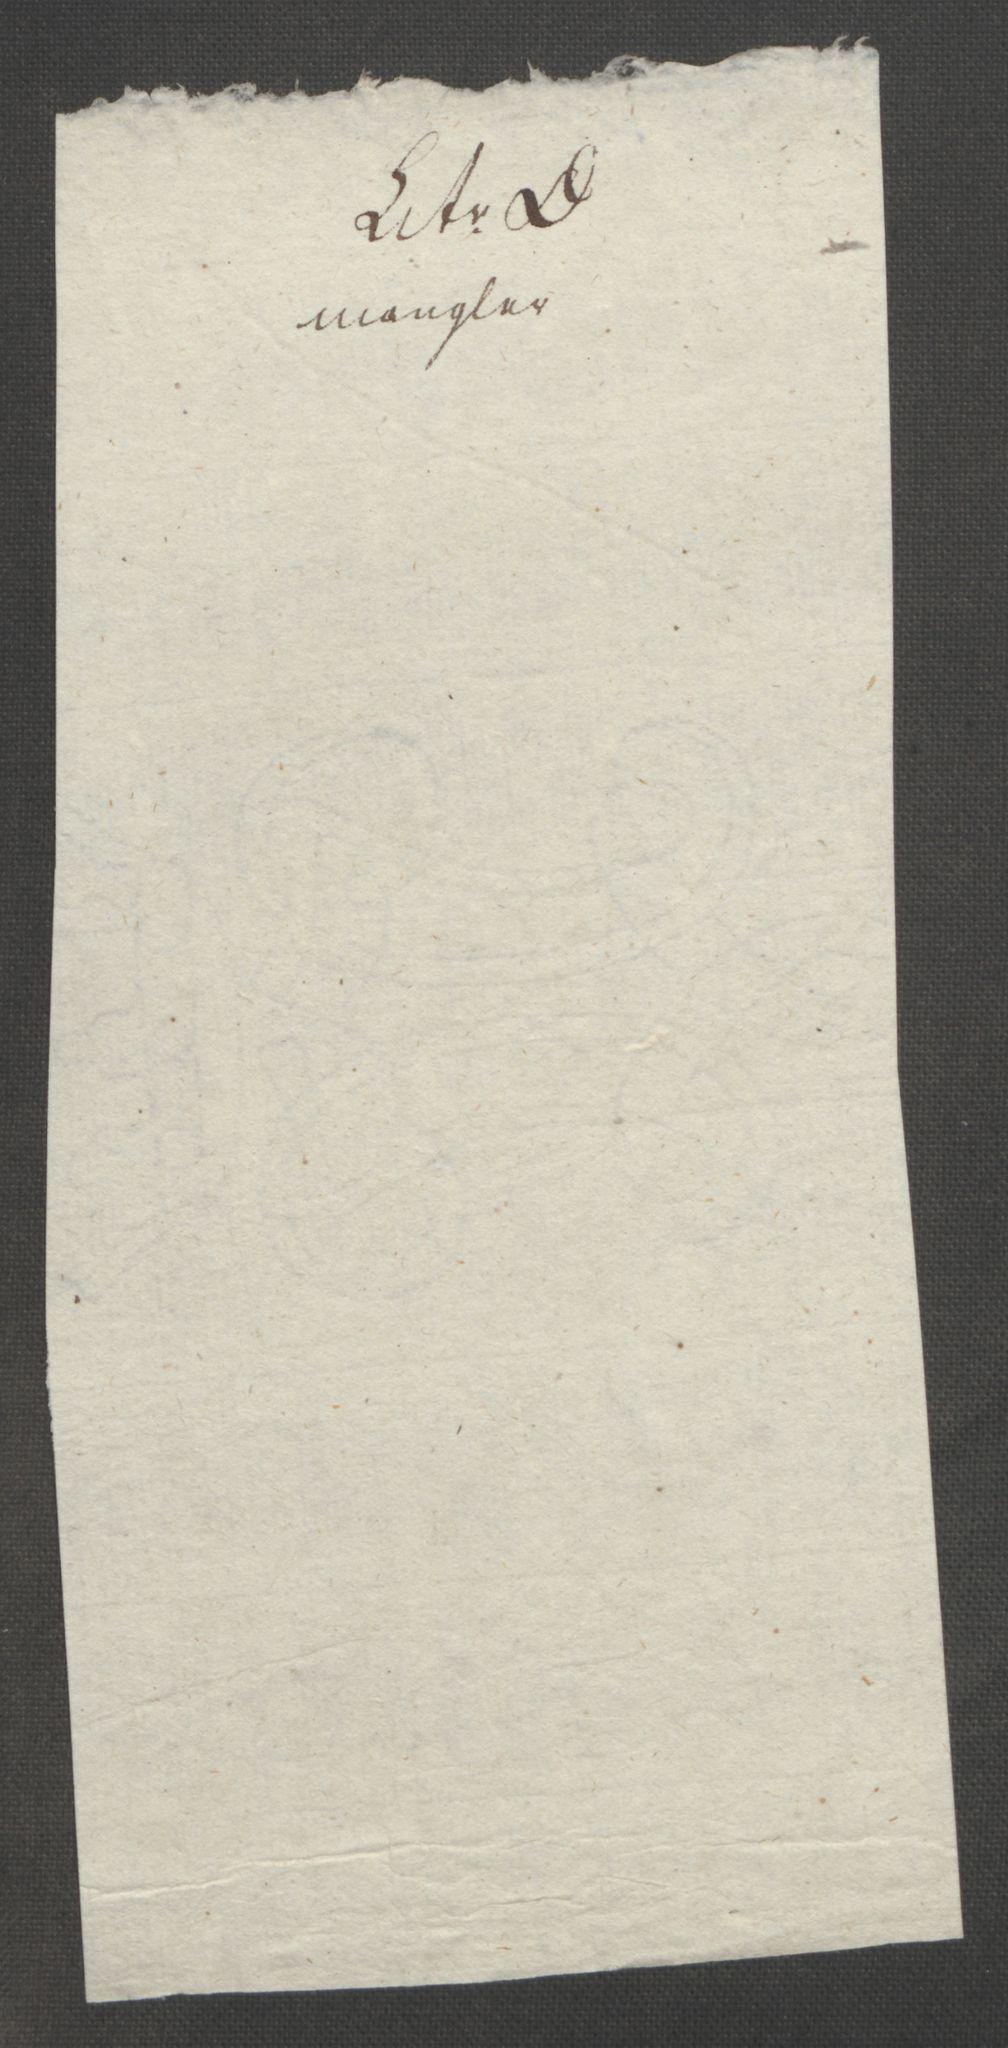 RA, Rentekammeret inntil 1814, Reviderte regnskaper, Fogderegnskap, R48/L3136: Ekstraskatten Sunnhordland og Hardanger, 1762-1772, s. 223